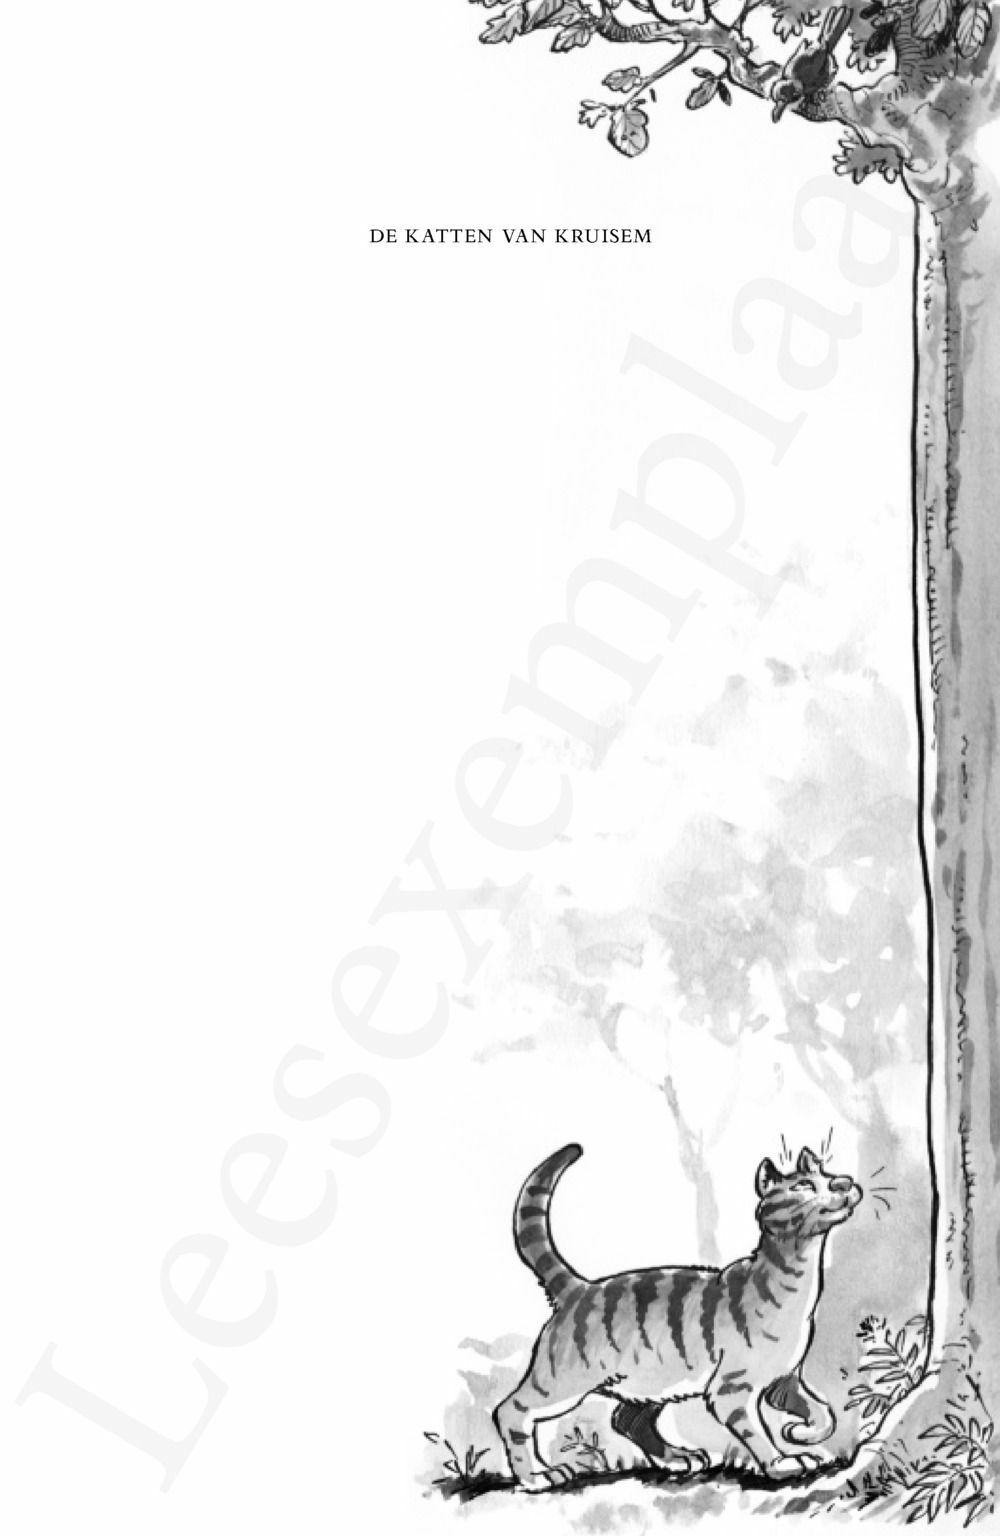 Preview: De Katten van Kruisem